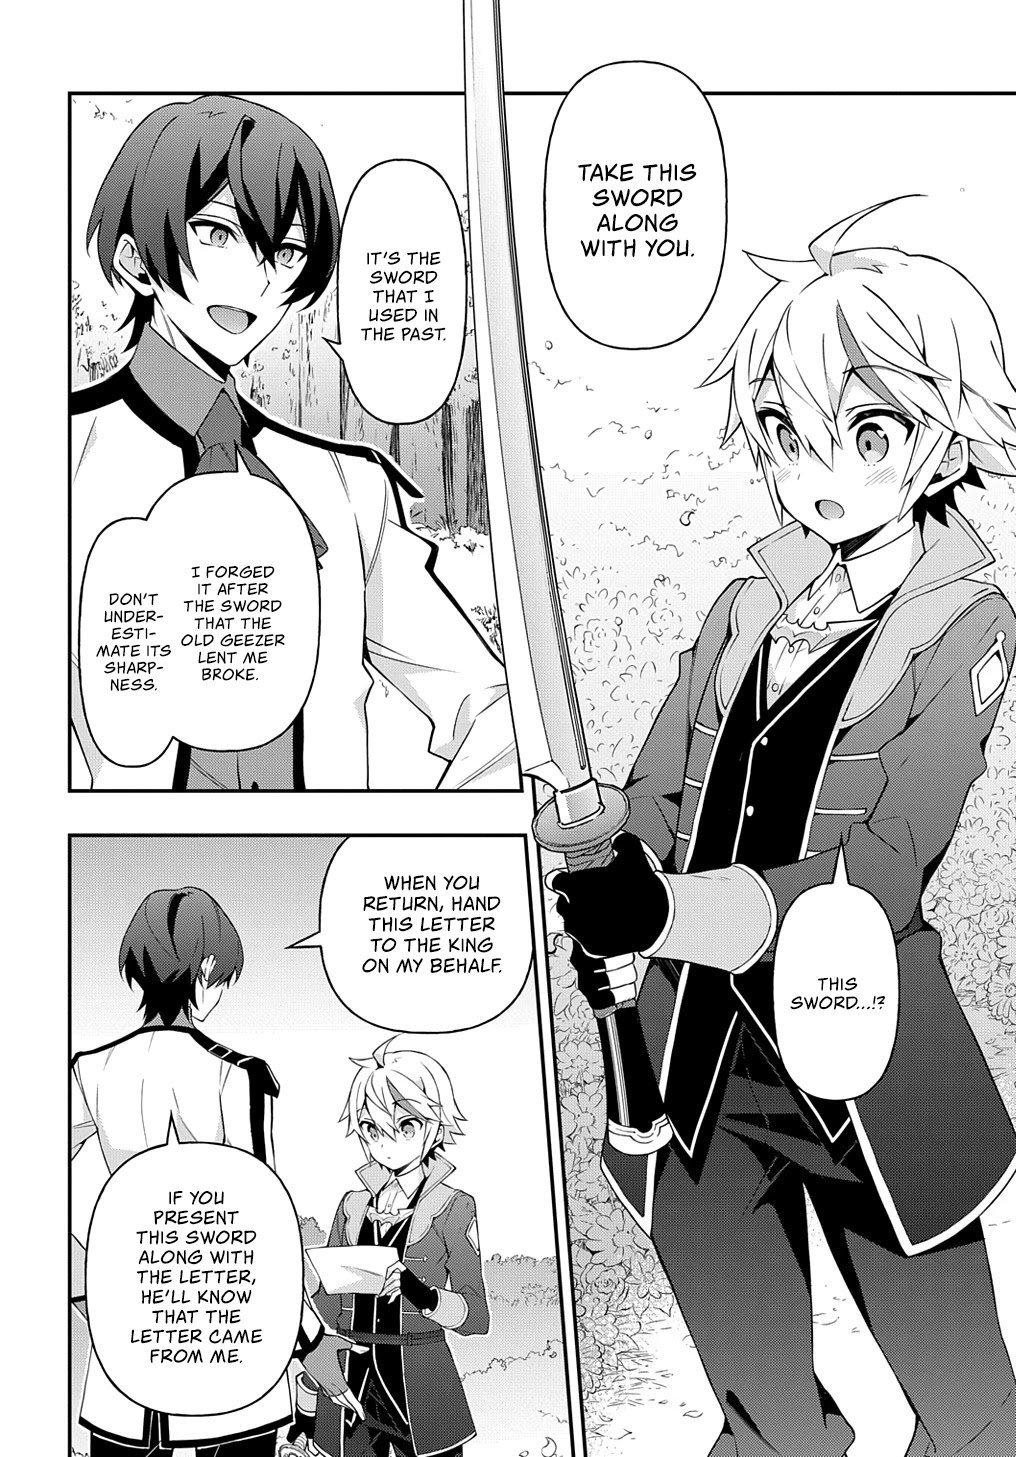 Manga Tensei Kizoku no Isekai Boukenroku ~Jichou wo Shiranai Kamigami no Shito~ - Chapter 26 Page 27